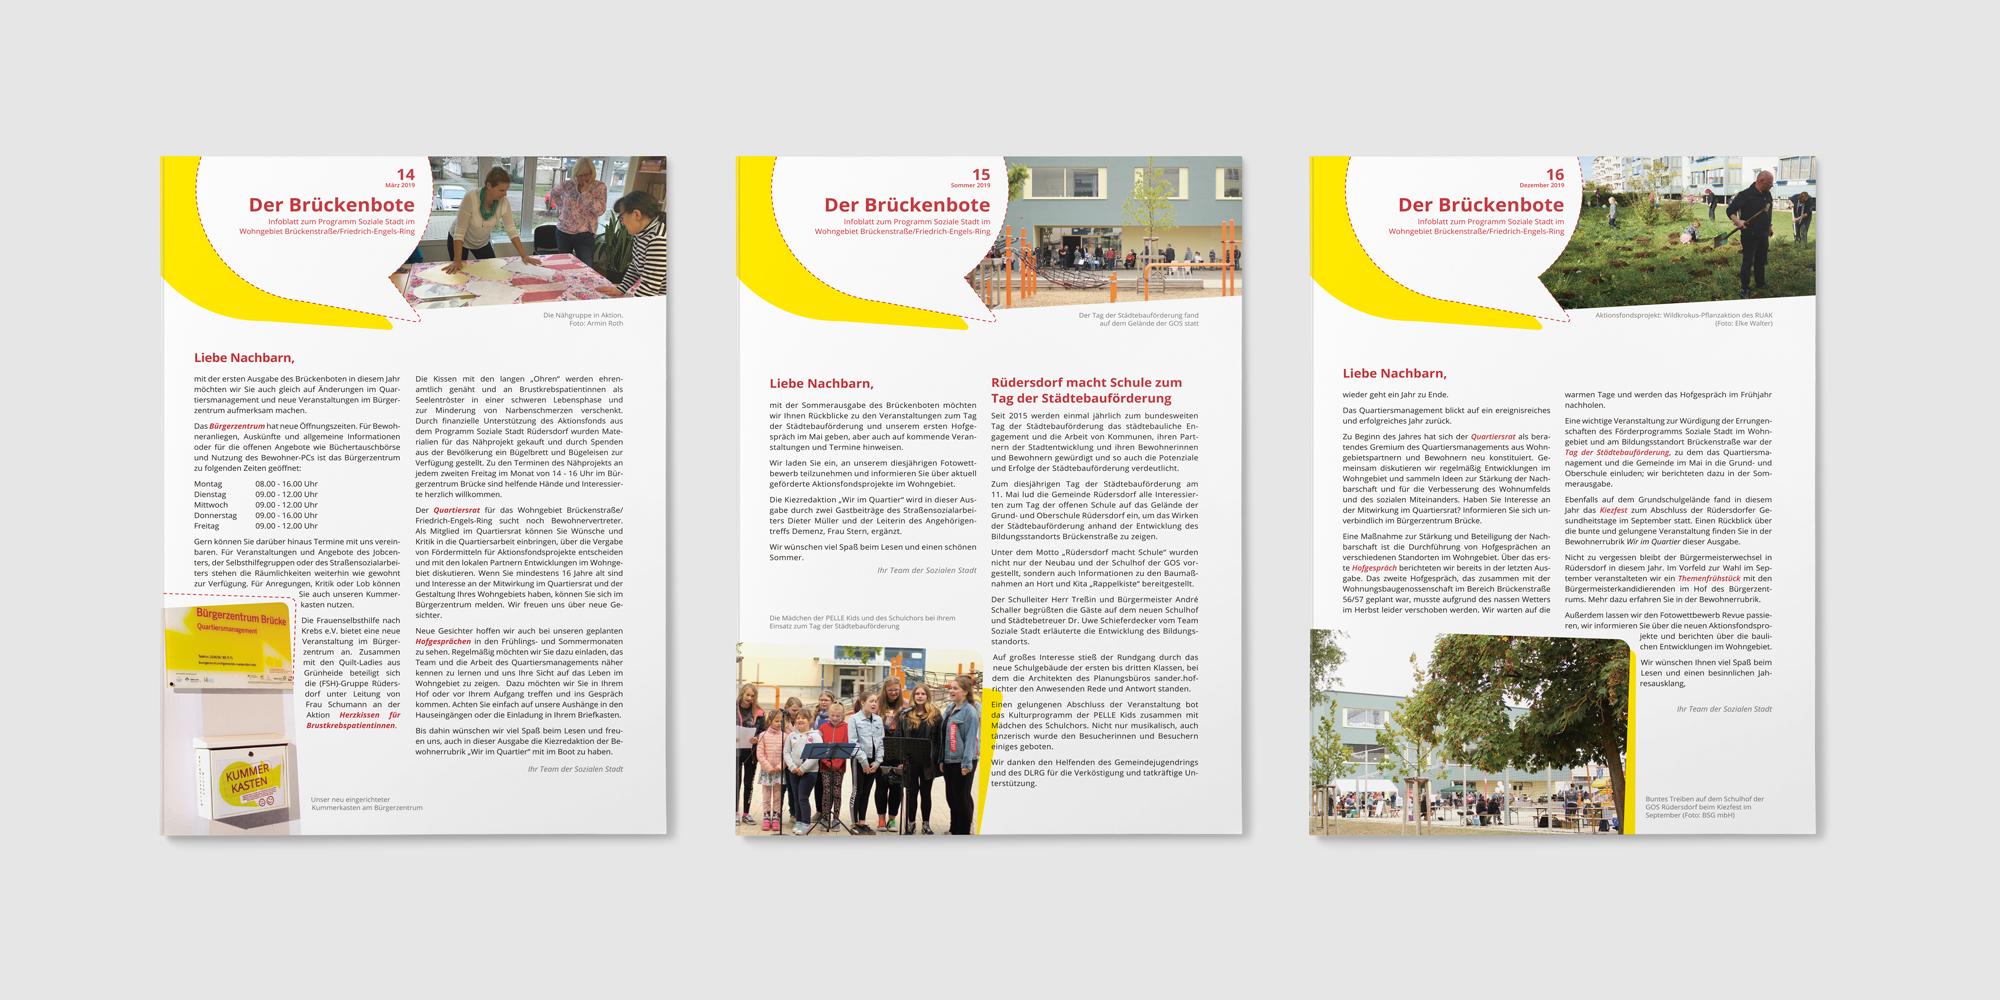 Drucksachen - Brückenbote für die Soziale Stadt Rüdersdorf